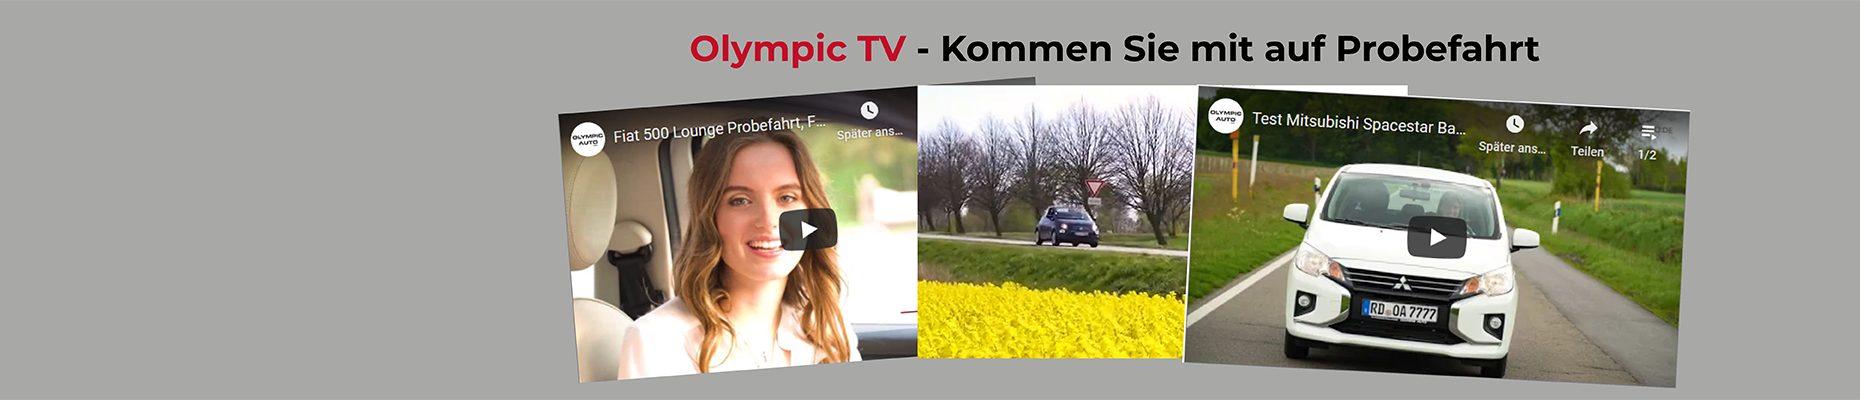 1864x400_Olympic TV - Kommen Sie mit auf Probefahrt